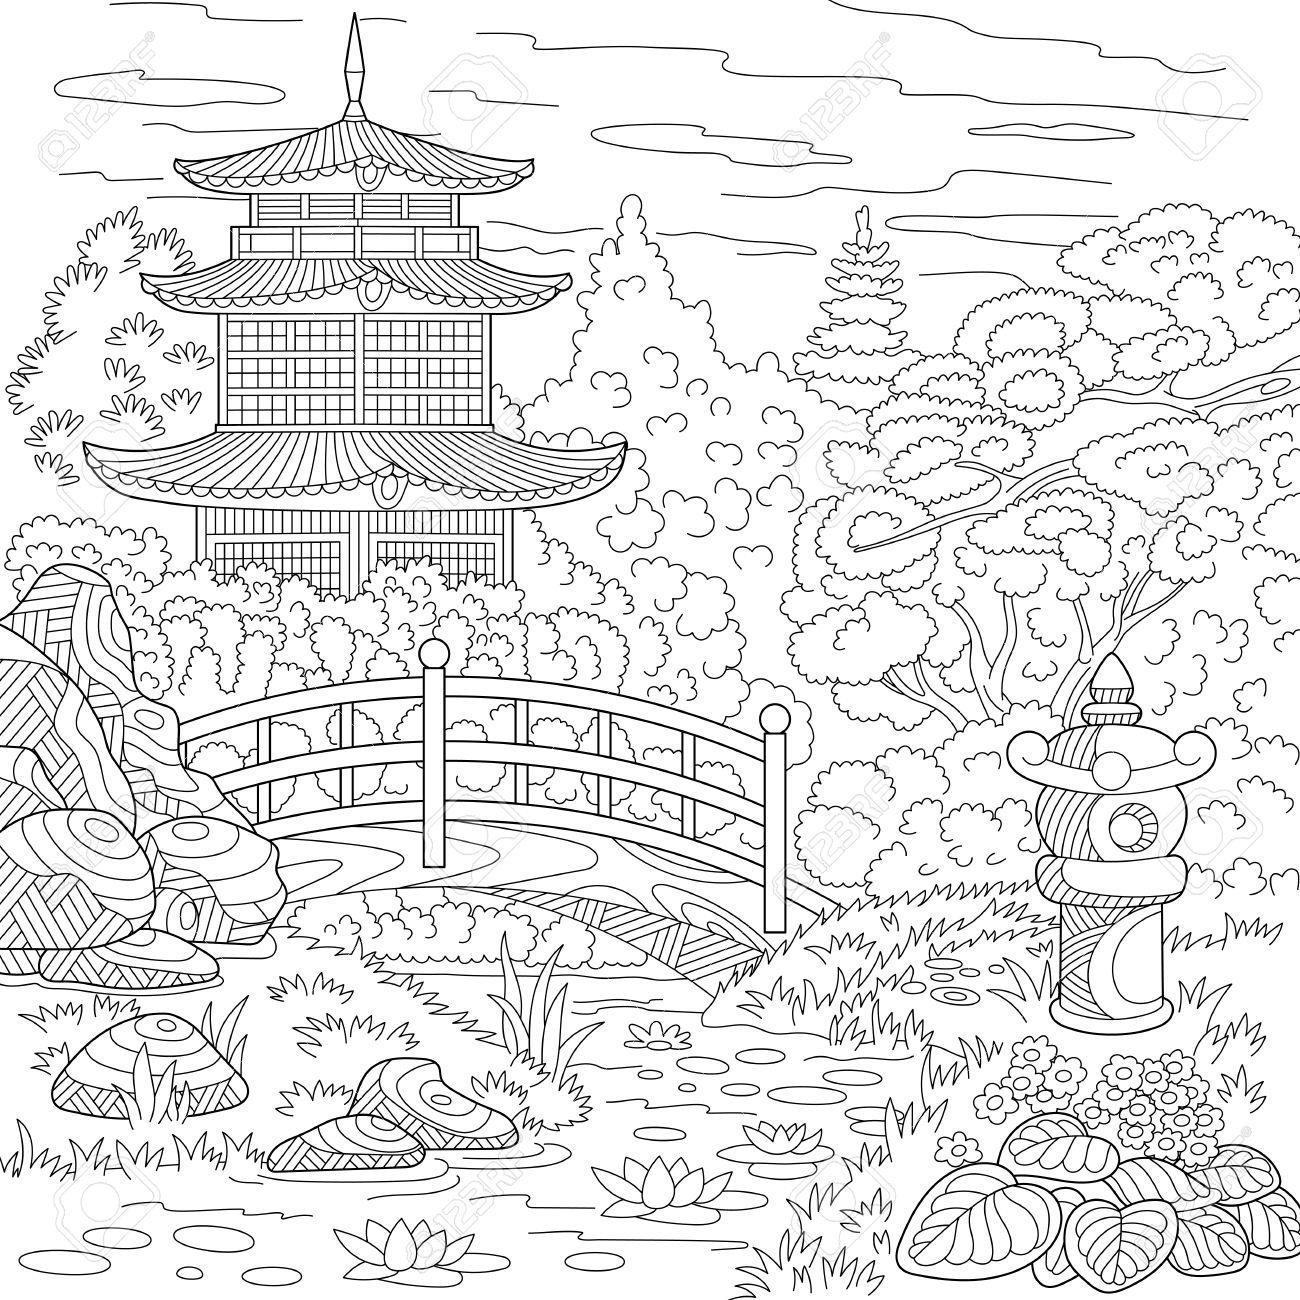 Pagoda Drawing